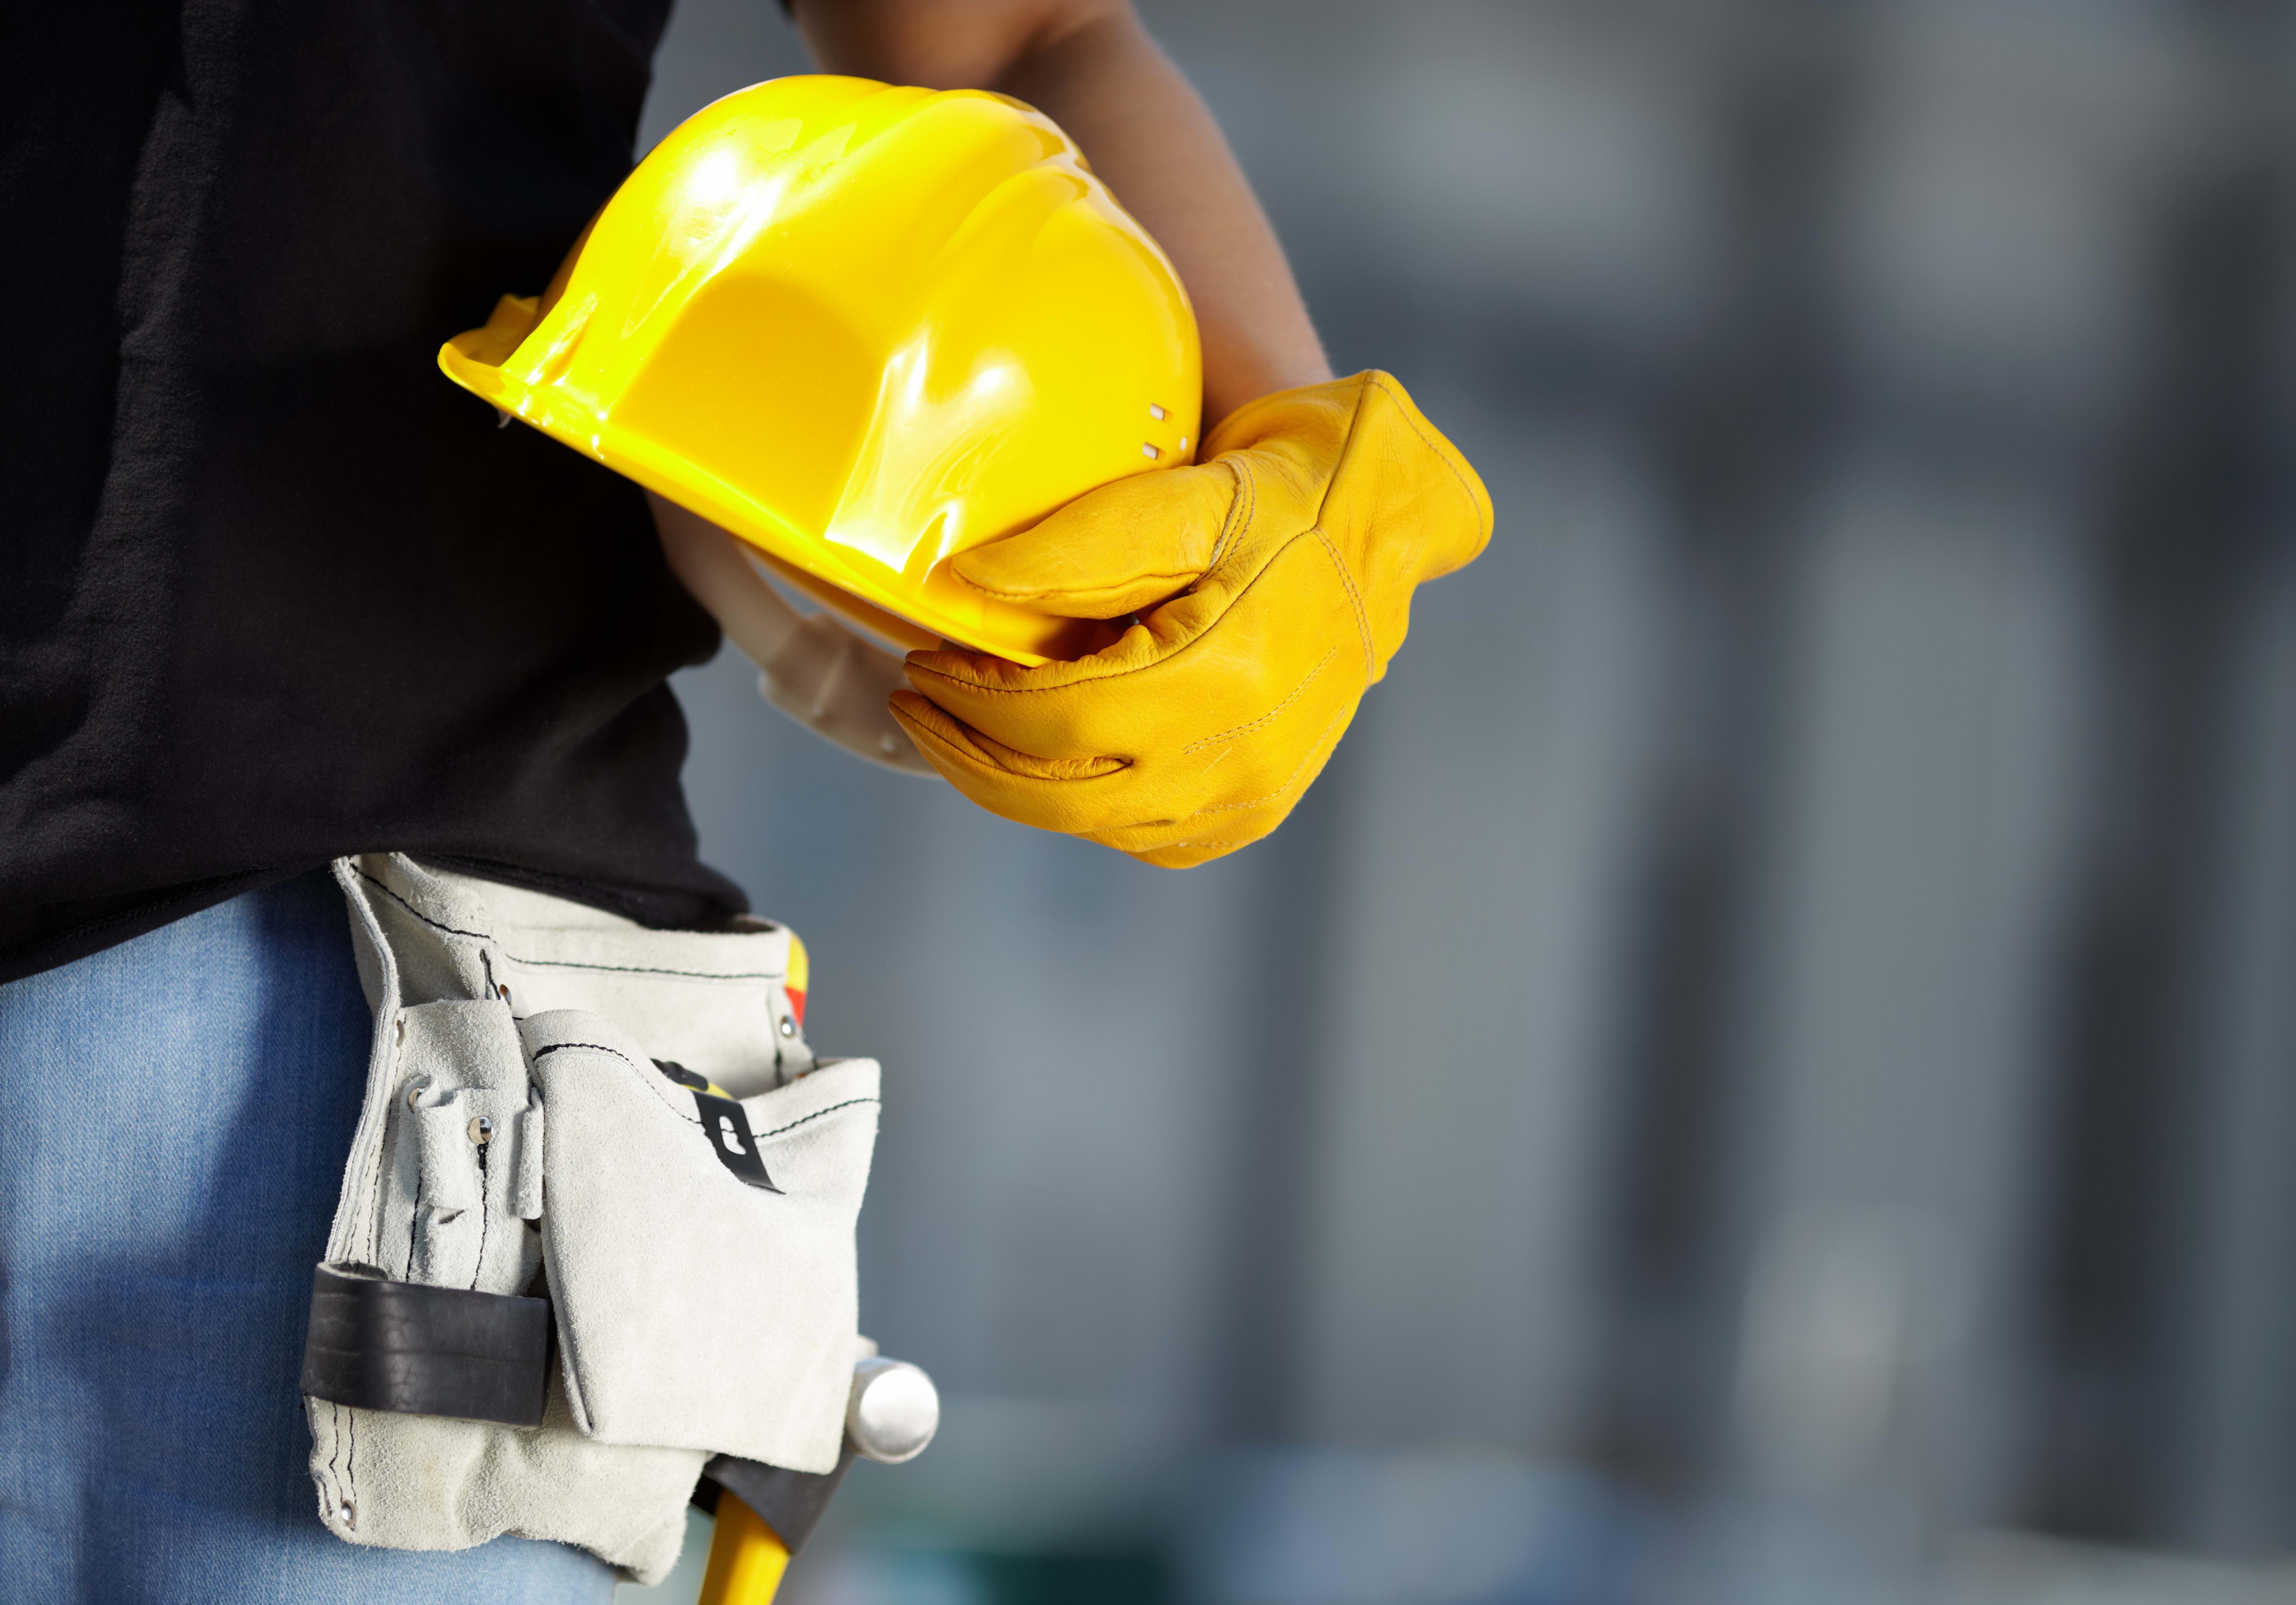 строитель держит строительную каску, фото, обои для рабочего стола, скачать